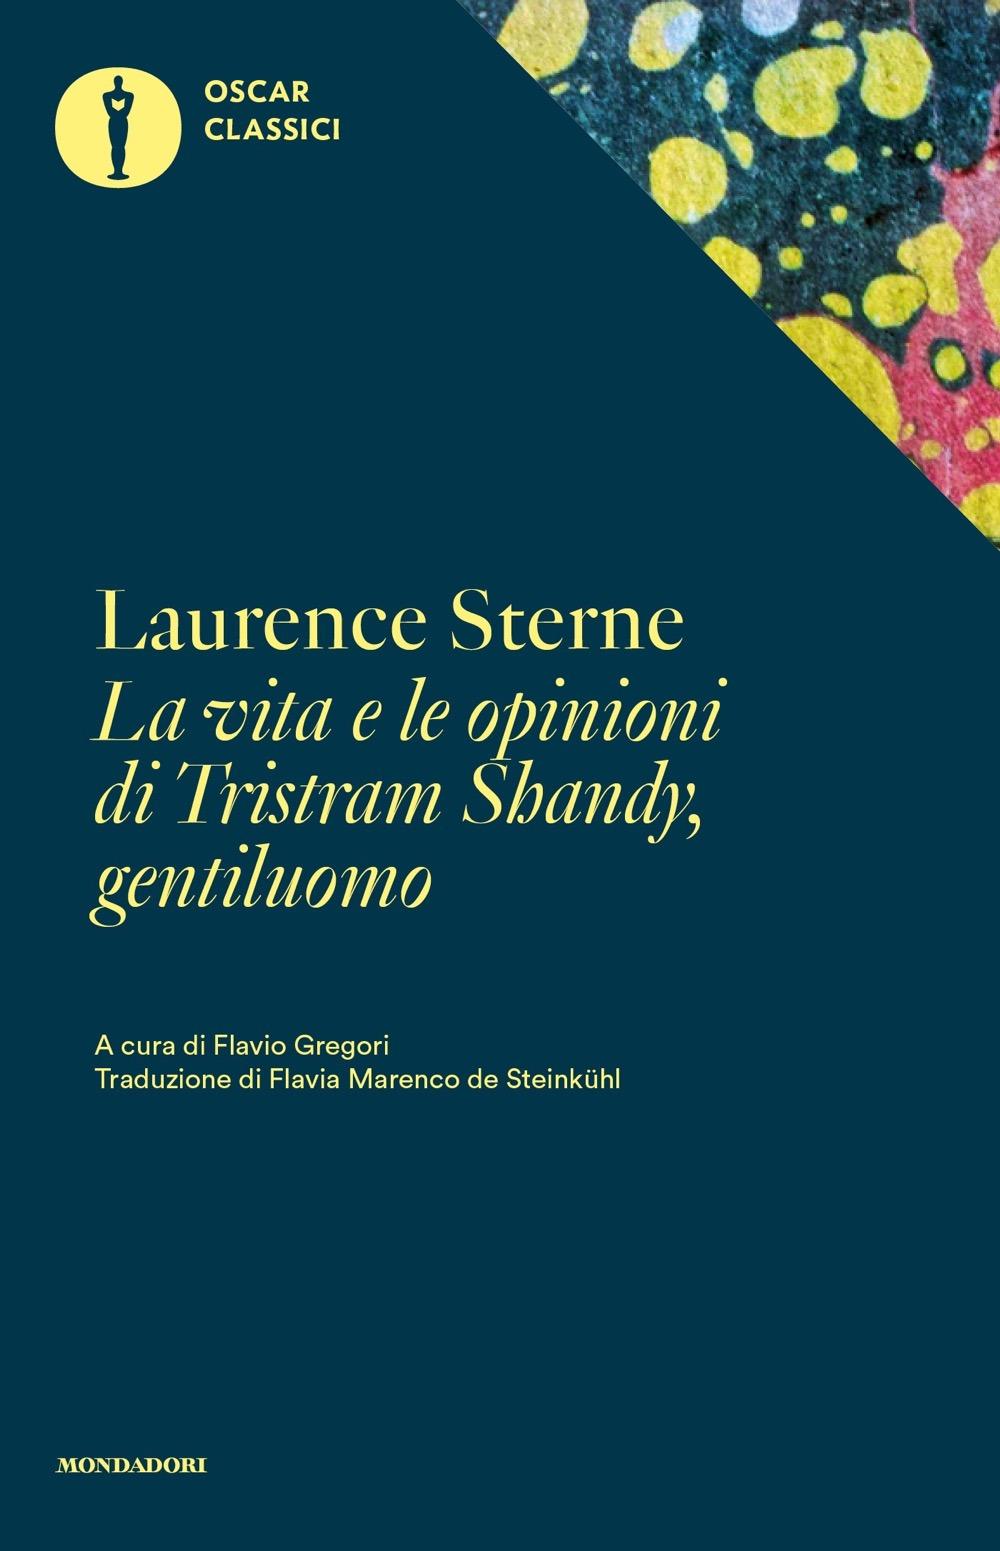 VITA E LE OPINIONI DI TRISTRAM SHANDY, GENTILUOMO (LA) - 9788804684619